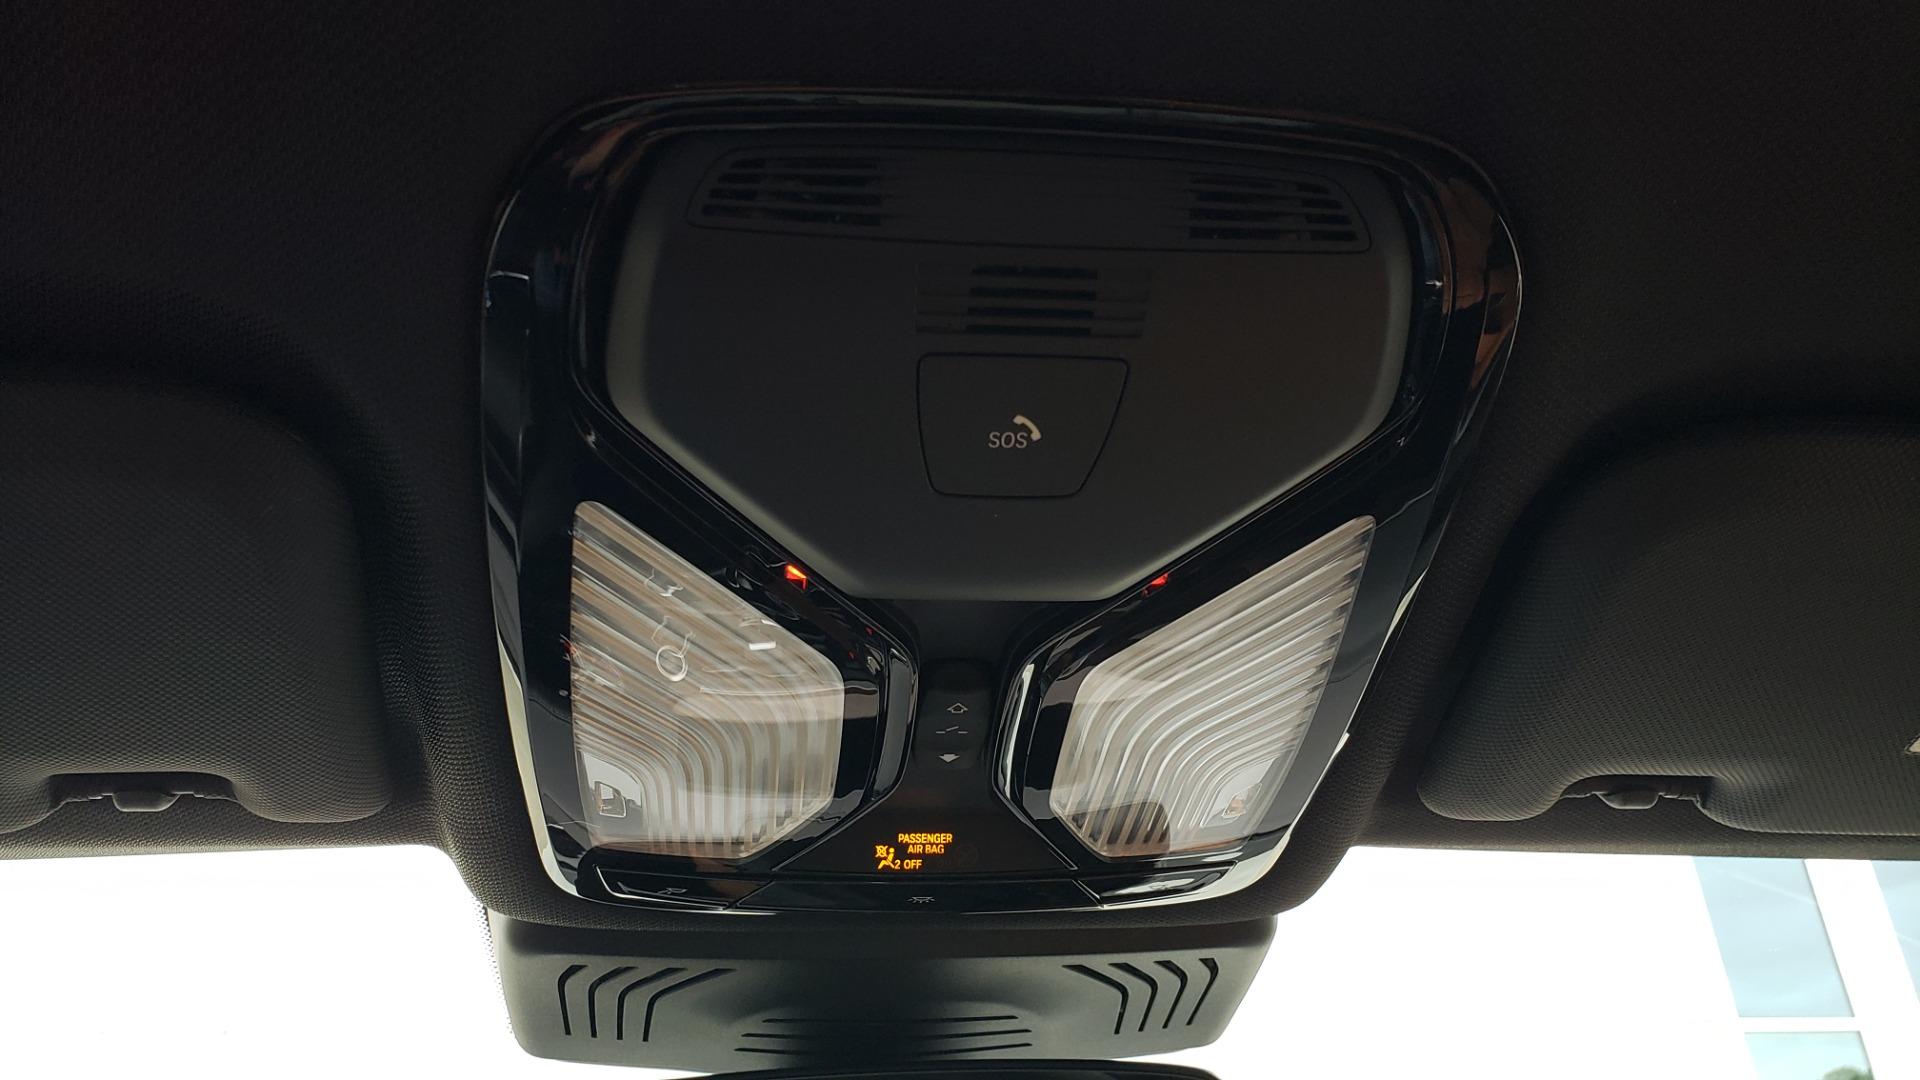 Used 2018 BMW X3 XDRIVE30I / LUX PKG / PREM PKG / CONV PKG / PDC / APPLE CARPLAY for sale Sold at Formula Imports in Charlotte NC 28227 58